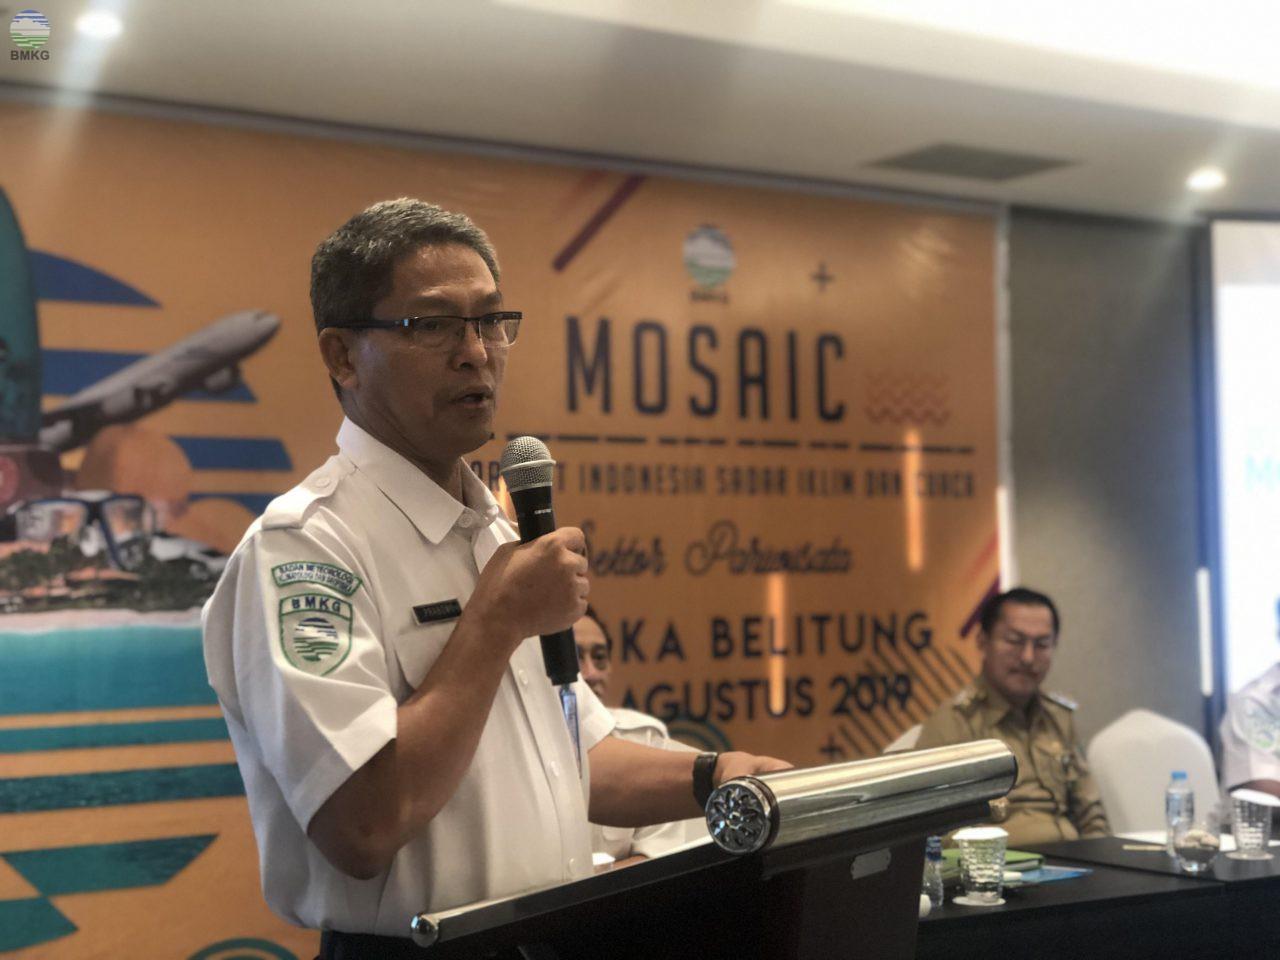 BMKG Selenggarakan Program MOSAIC untuk Mendukung Pengembangan Sektor Pariwisata Indonesia